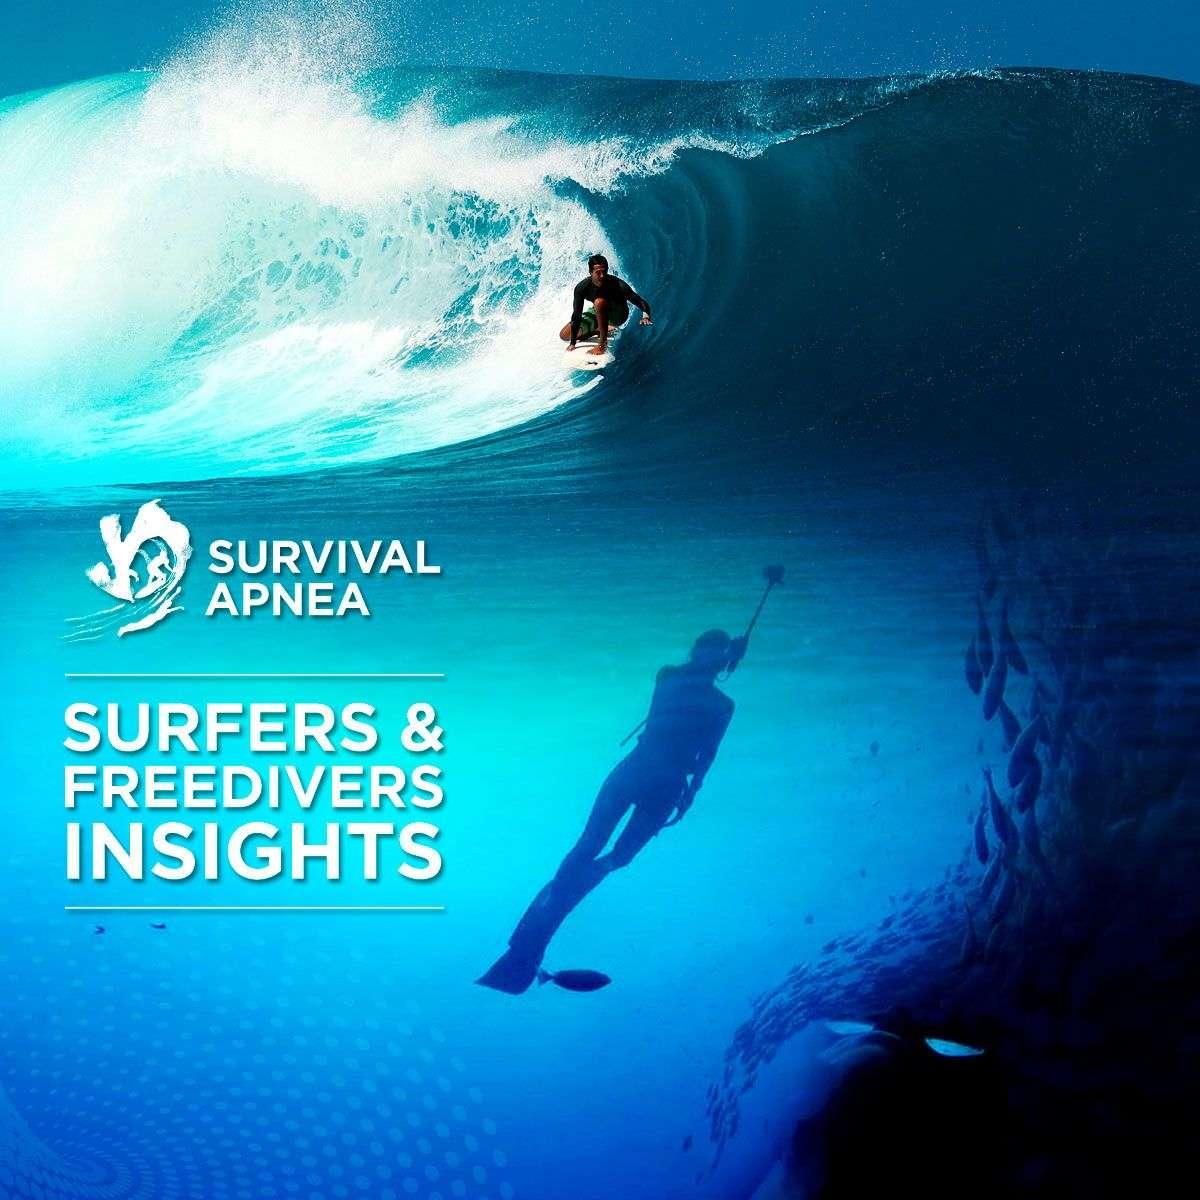 Surfer Survival, What is survival apnea